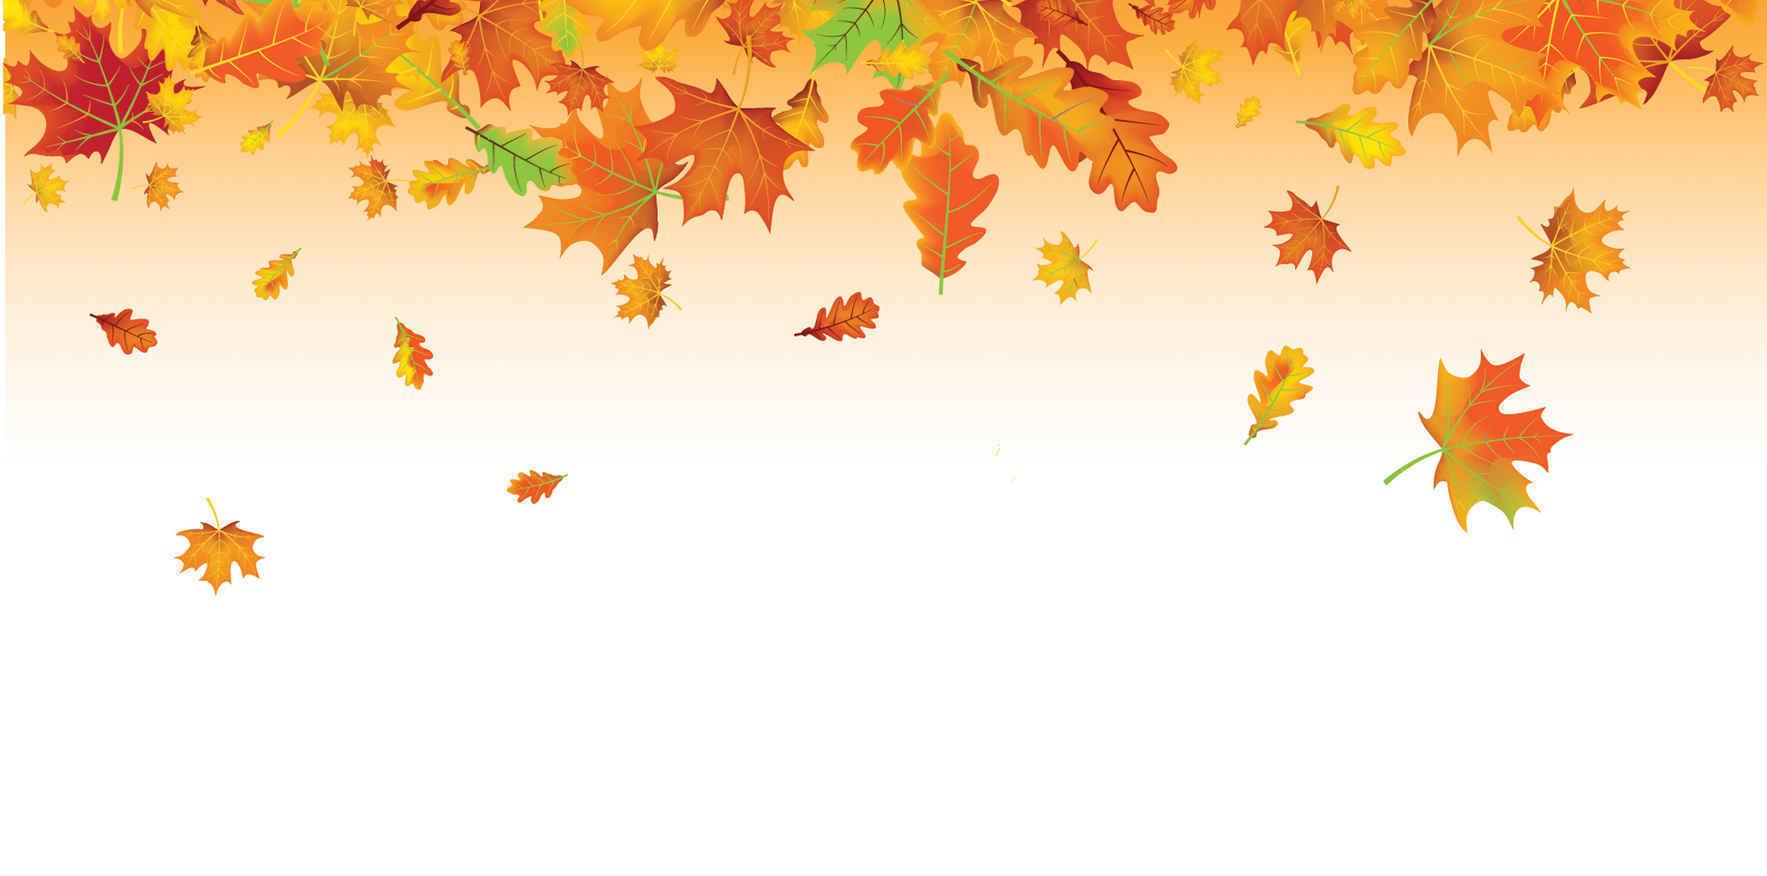 Fall Celebration 2018 image